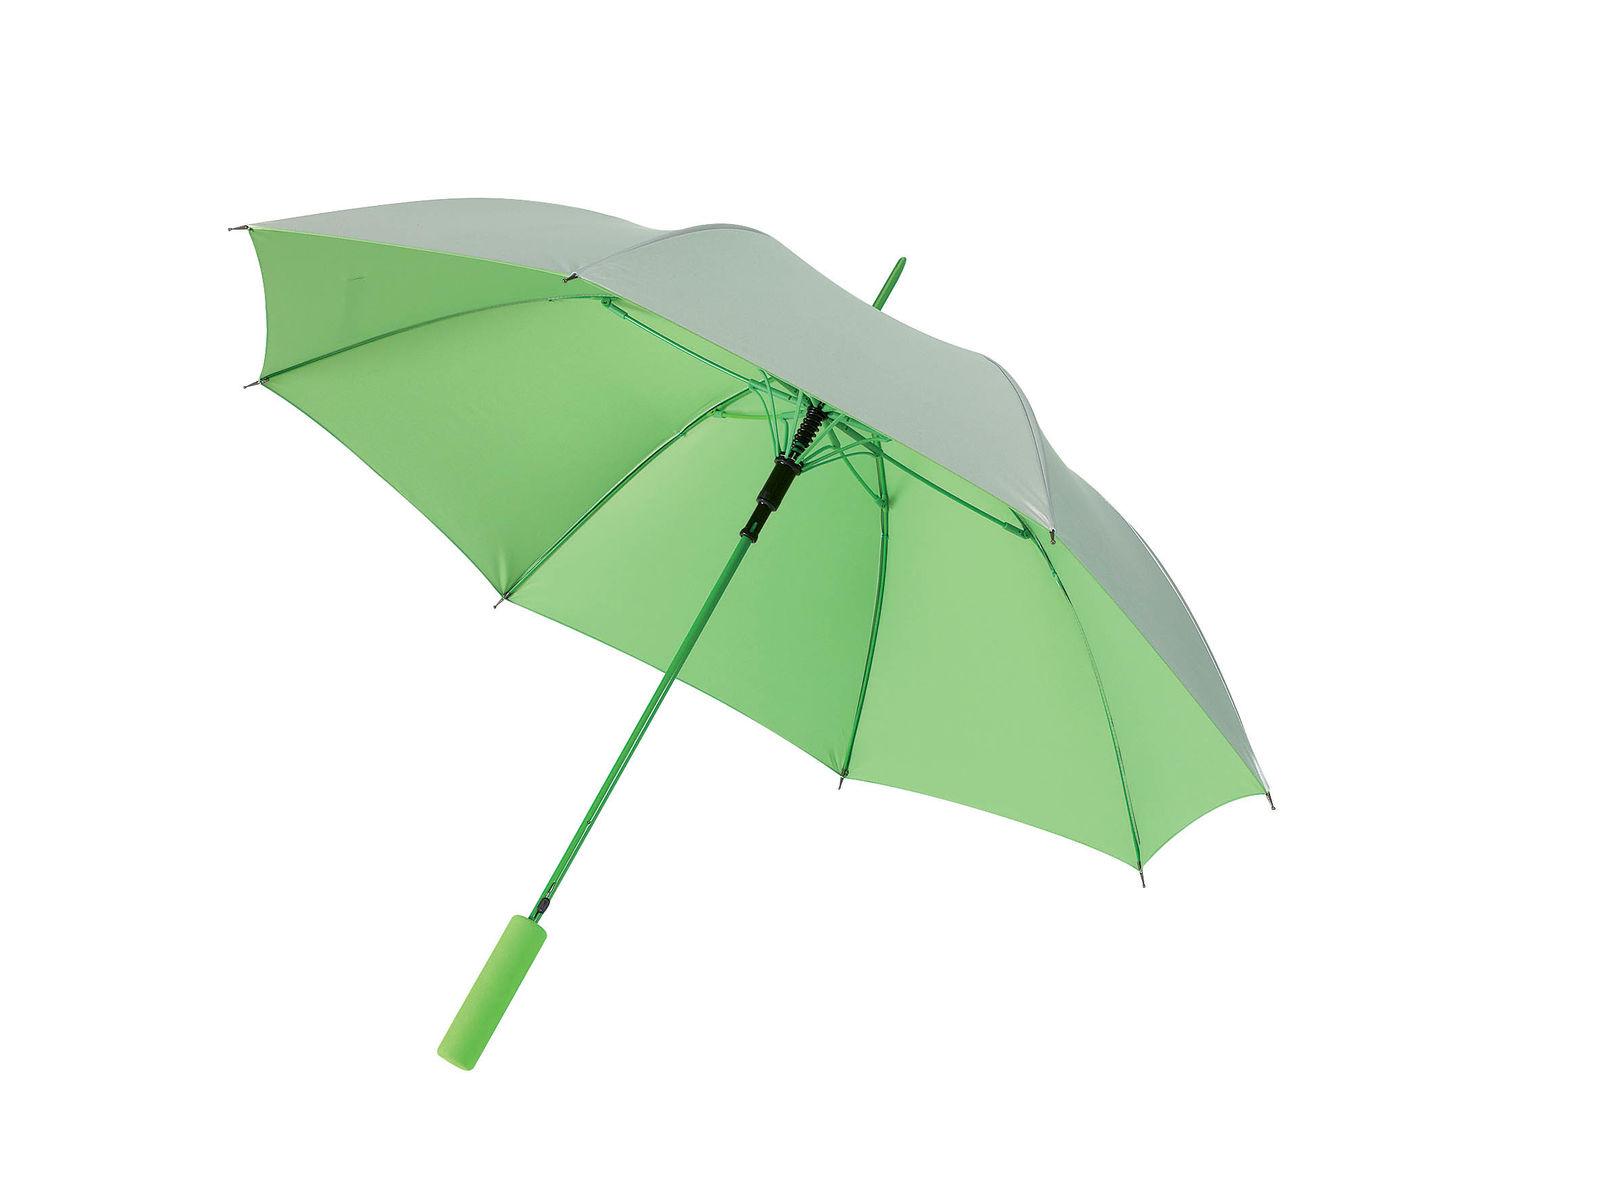 Parapluie personnalise publicitaire for Toile publicitaire exterieur